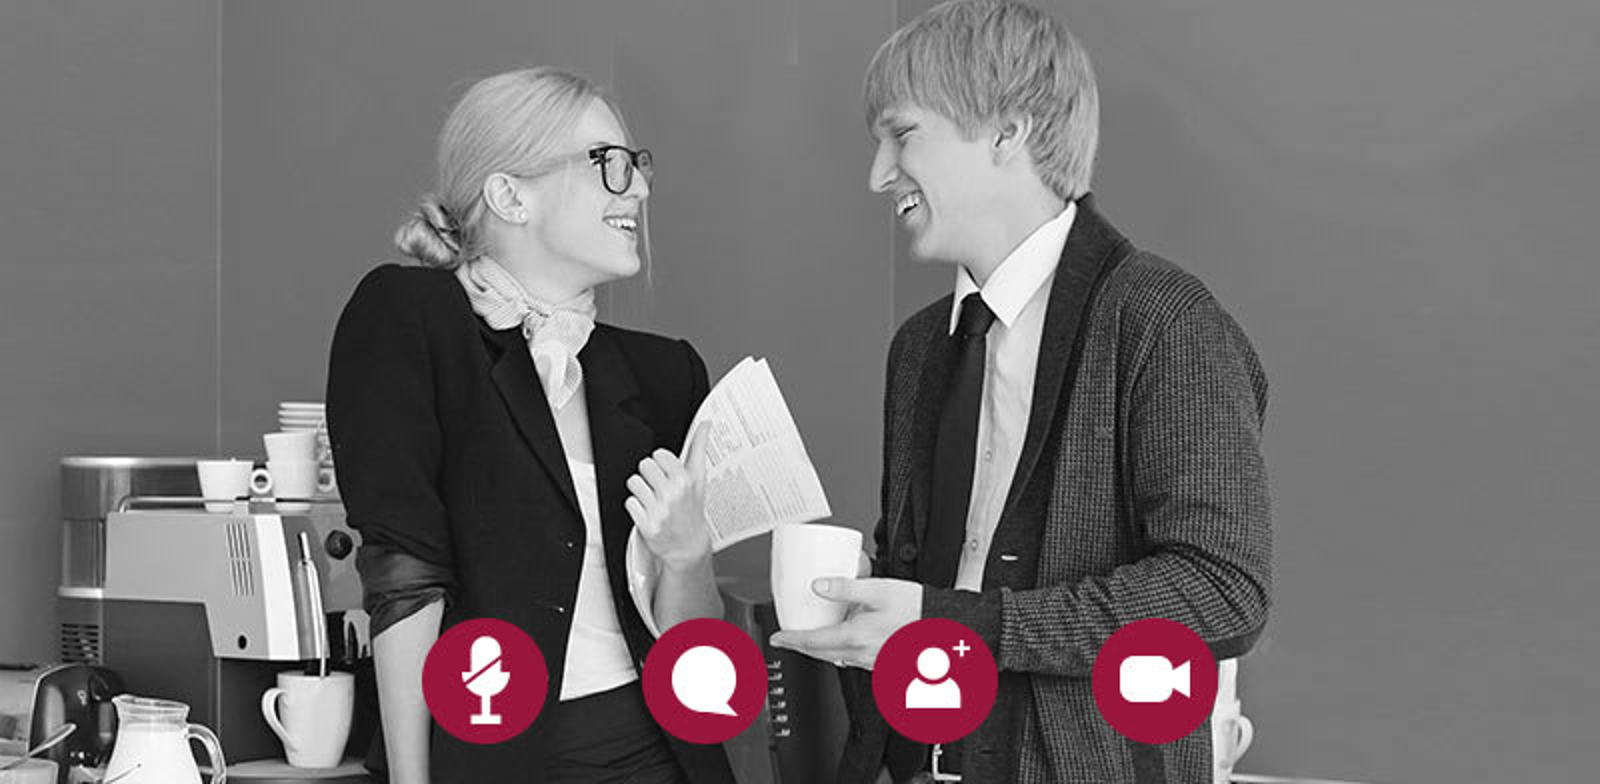 איך לנהל שיחת חולין / צילום: Shutterstock